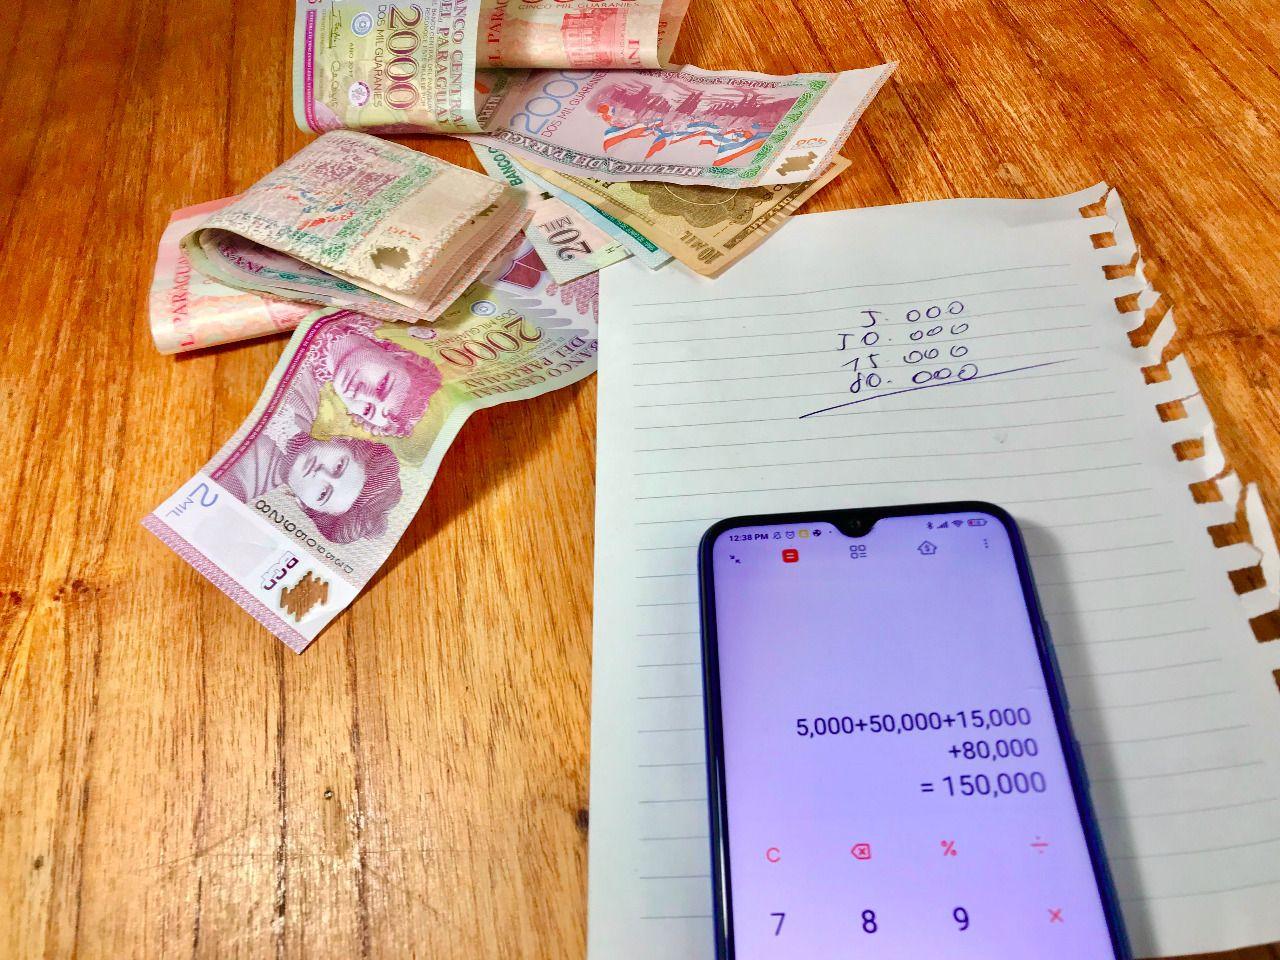 La ley de servicios de confianza en servicios financieros móviles y su impacto en la economía.